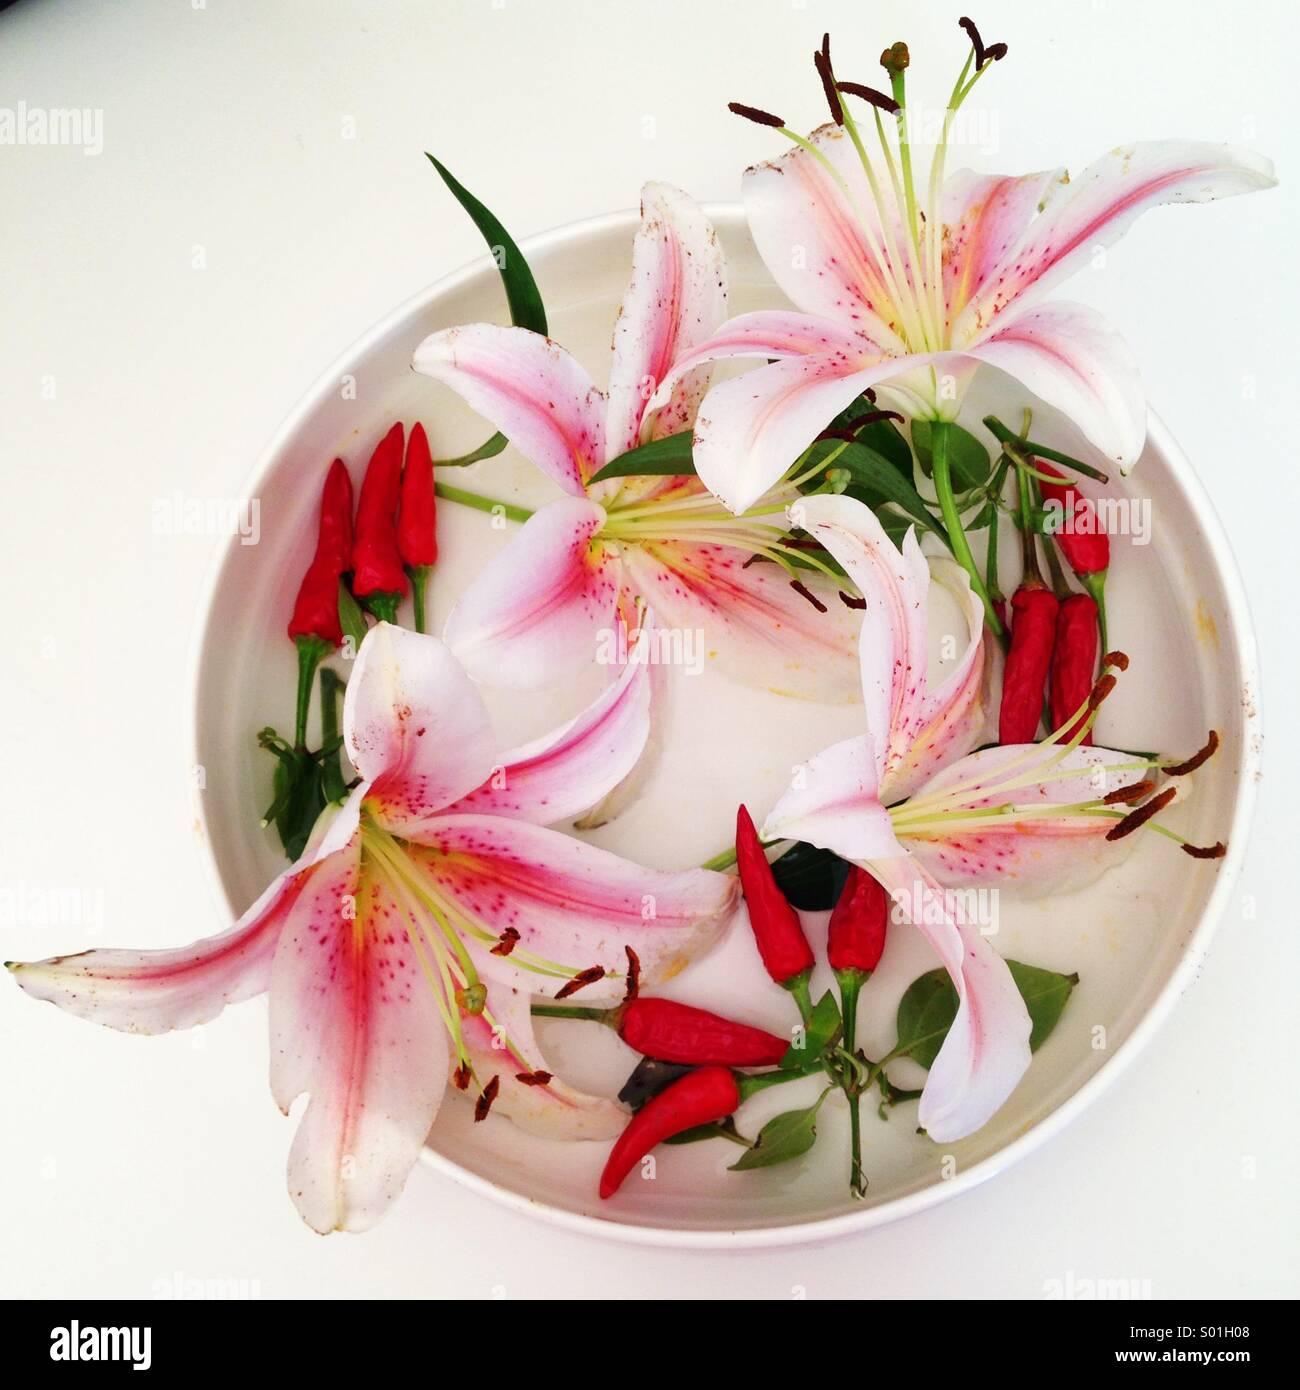 Lilien und Chillies Blume Display in kreisförmige weiße Porzellanschale Stockbild